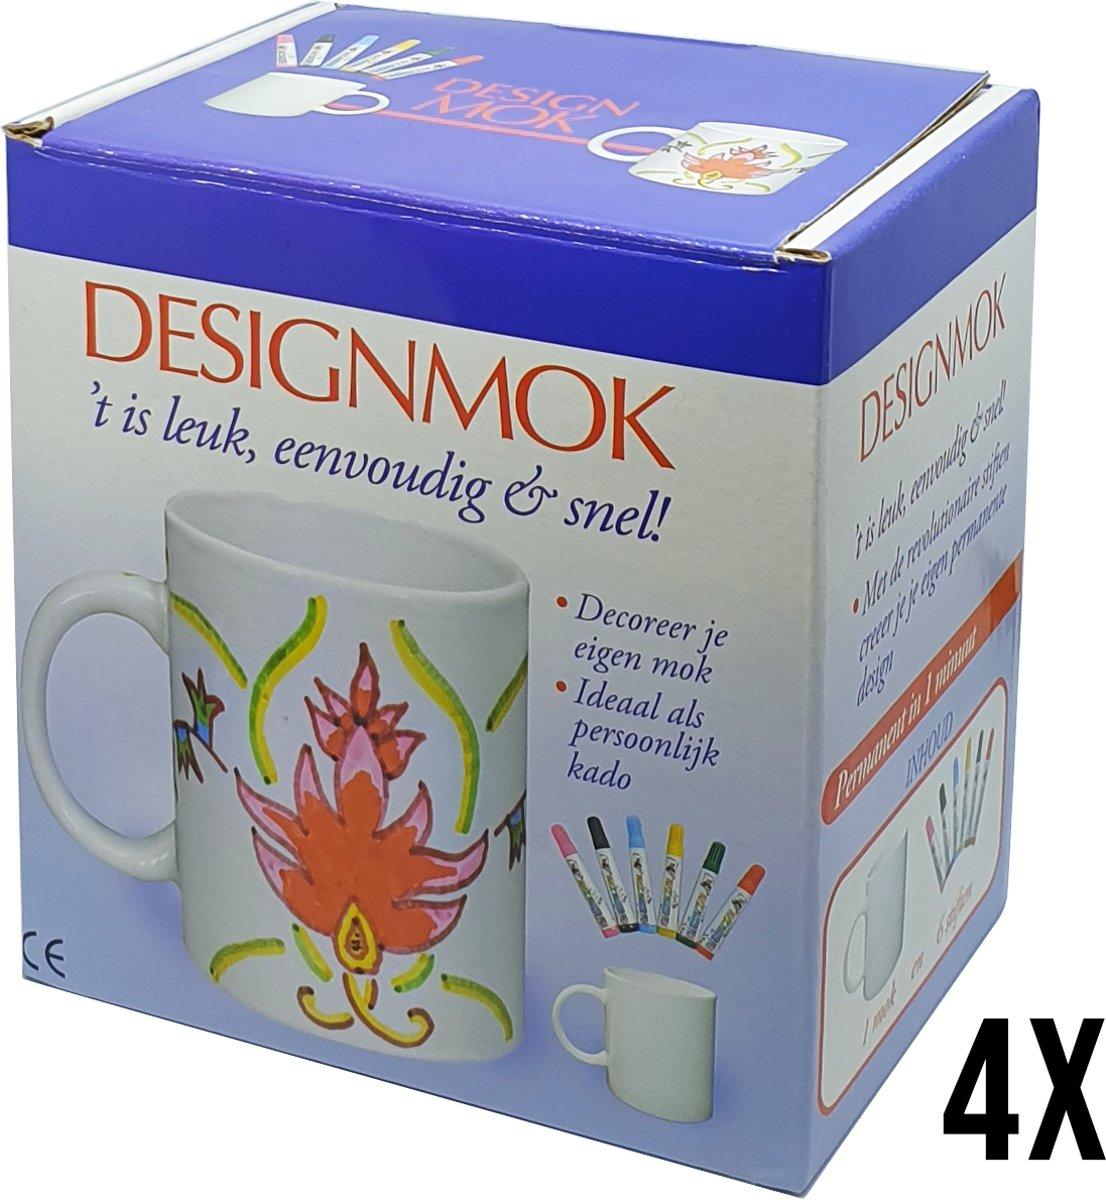 Decoreer je eigen mok - set van 4 mokken - inclusief 24 stiften - permanent in 1 minuut - Geschikt als kado, voor kinderfeestjes & kids craft